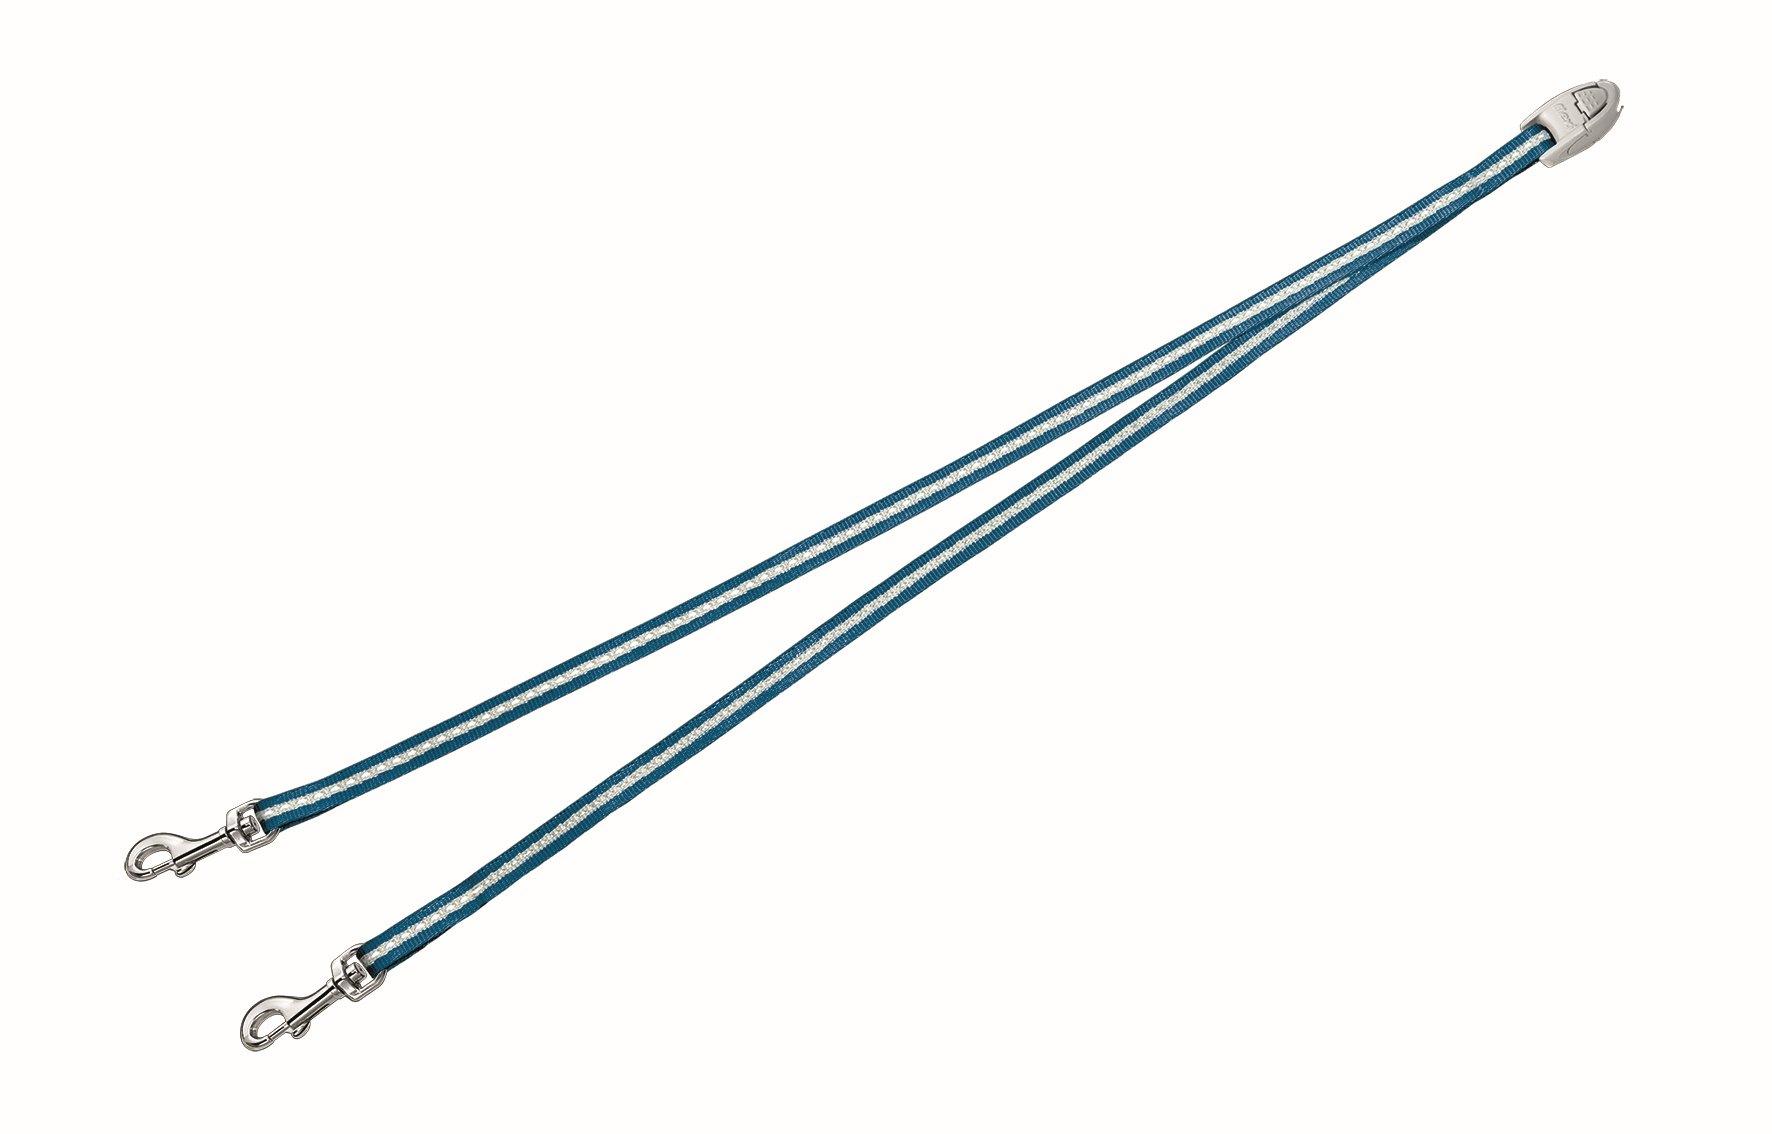 Сворка Flexi Vario Duo Belt S для собак до 5 кг, цвет: синий, 42 см020722Сворка Flexi Vario Duo Belt S изготовлена из металла и нейлона. Данный аксессуар позволяет адаптировать рулетку для выгула 2 собак. Сворка обеспечивает каждой собаке свободу движения, что идет на пользу здоровью и радует вашего четвероногого друга. Сворка Flexi - специальное дополнение к поводку Flexi Vario размером S. При выборе рулетки для двух собак нужно учитывать суммарный вес обеих собак. Поводок имеет хромированную застежку. Длина поводка (без учета карабина): 42 см. Ширина поводка: 9 мм. Максимальная нагрузка: 5 кг. Товар сертифицирован.